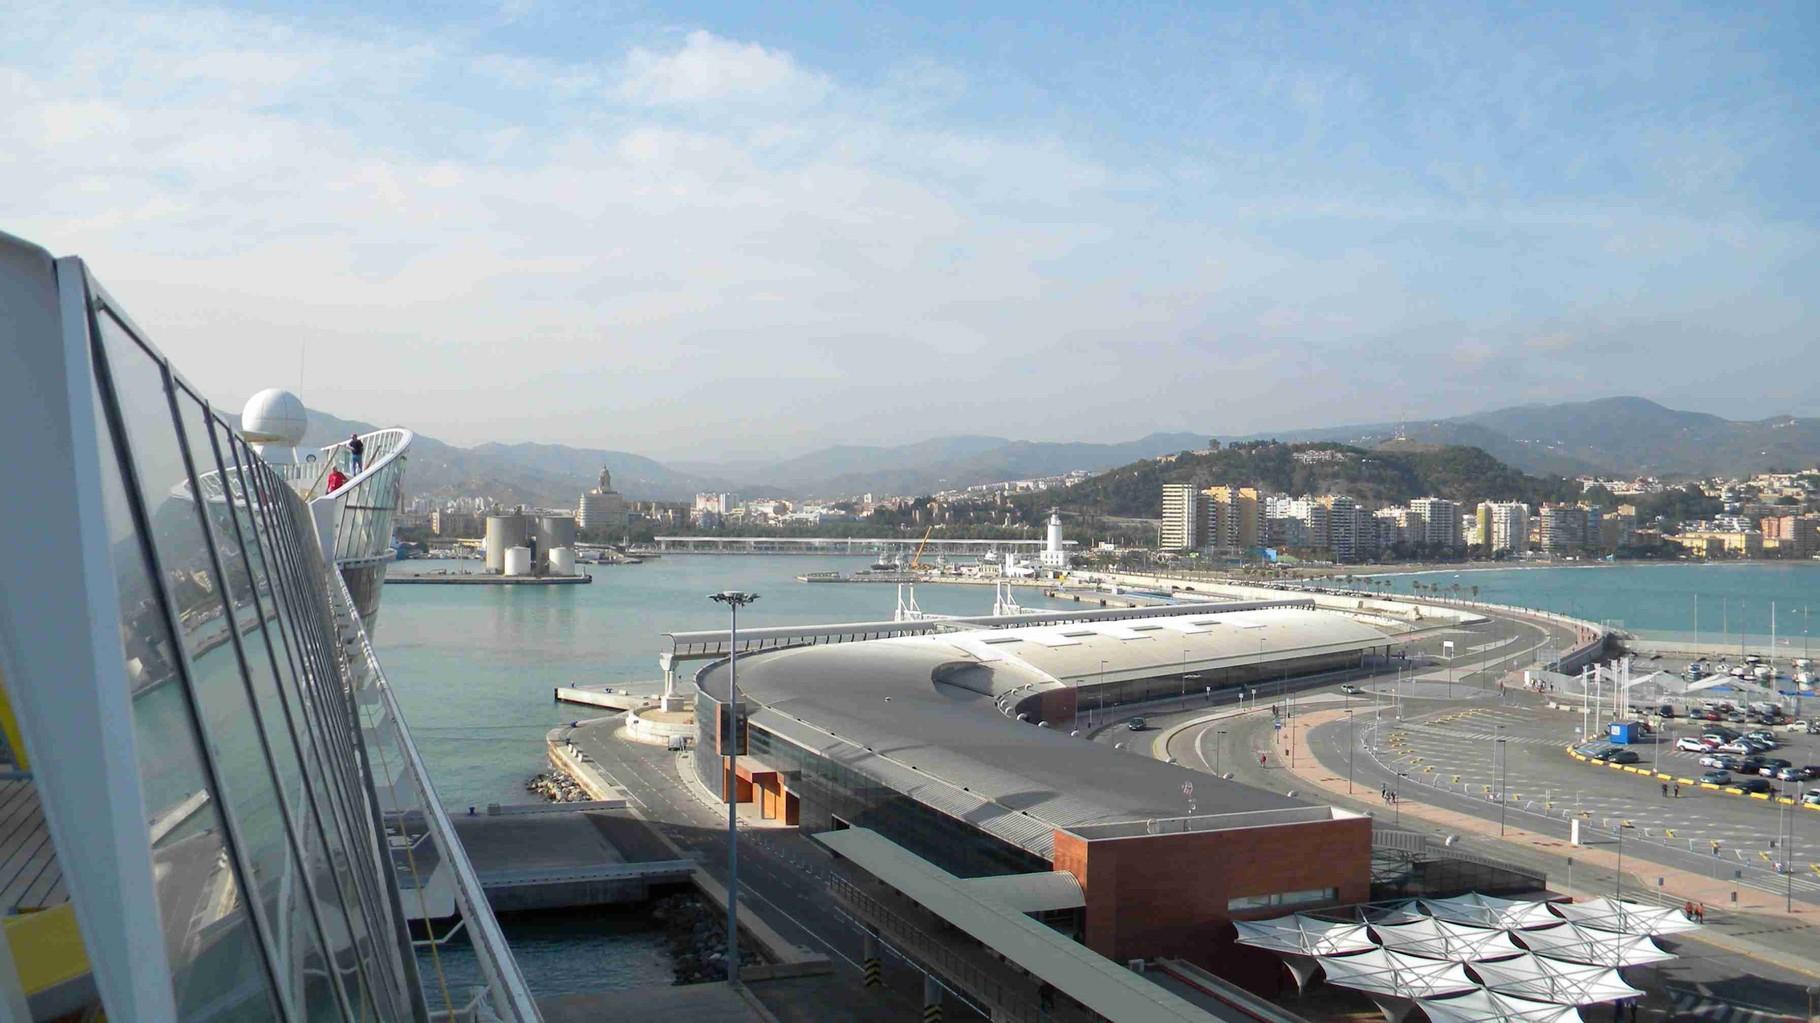 Terminalgebäude am Hafen